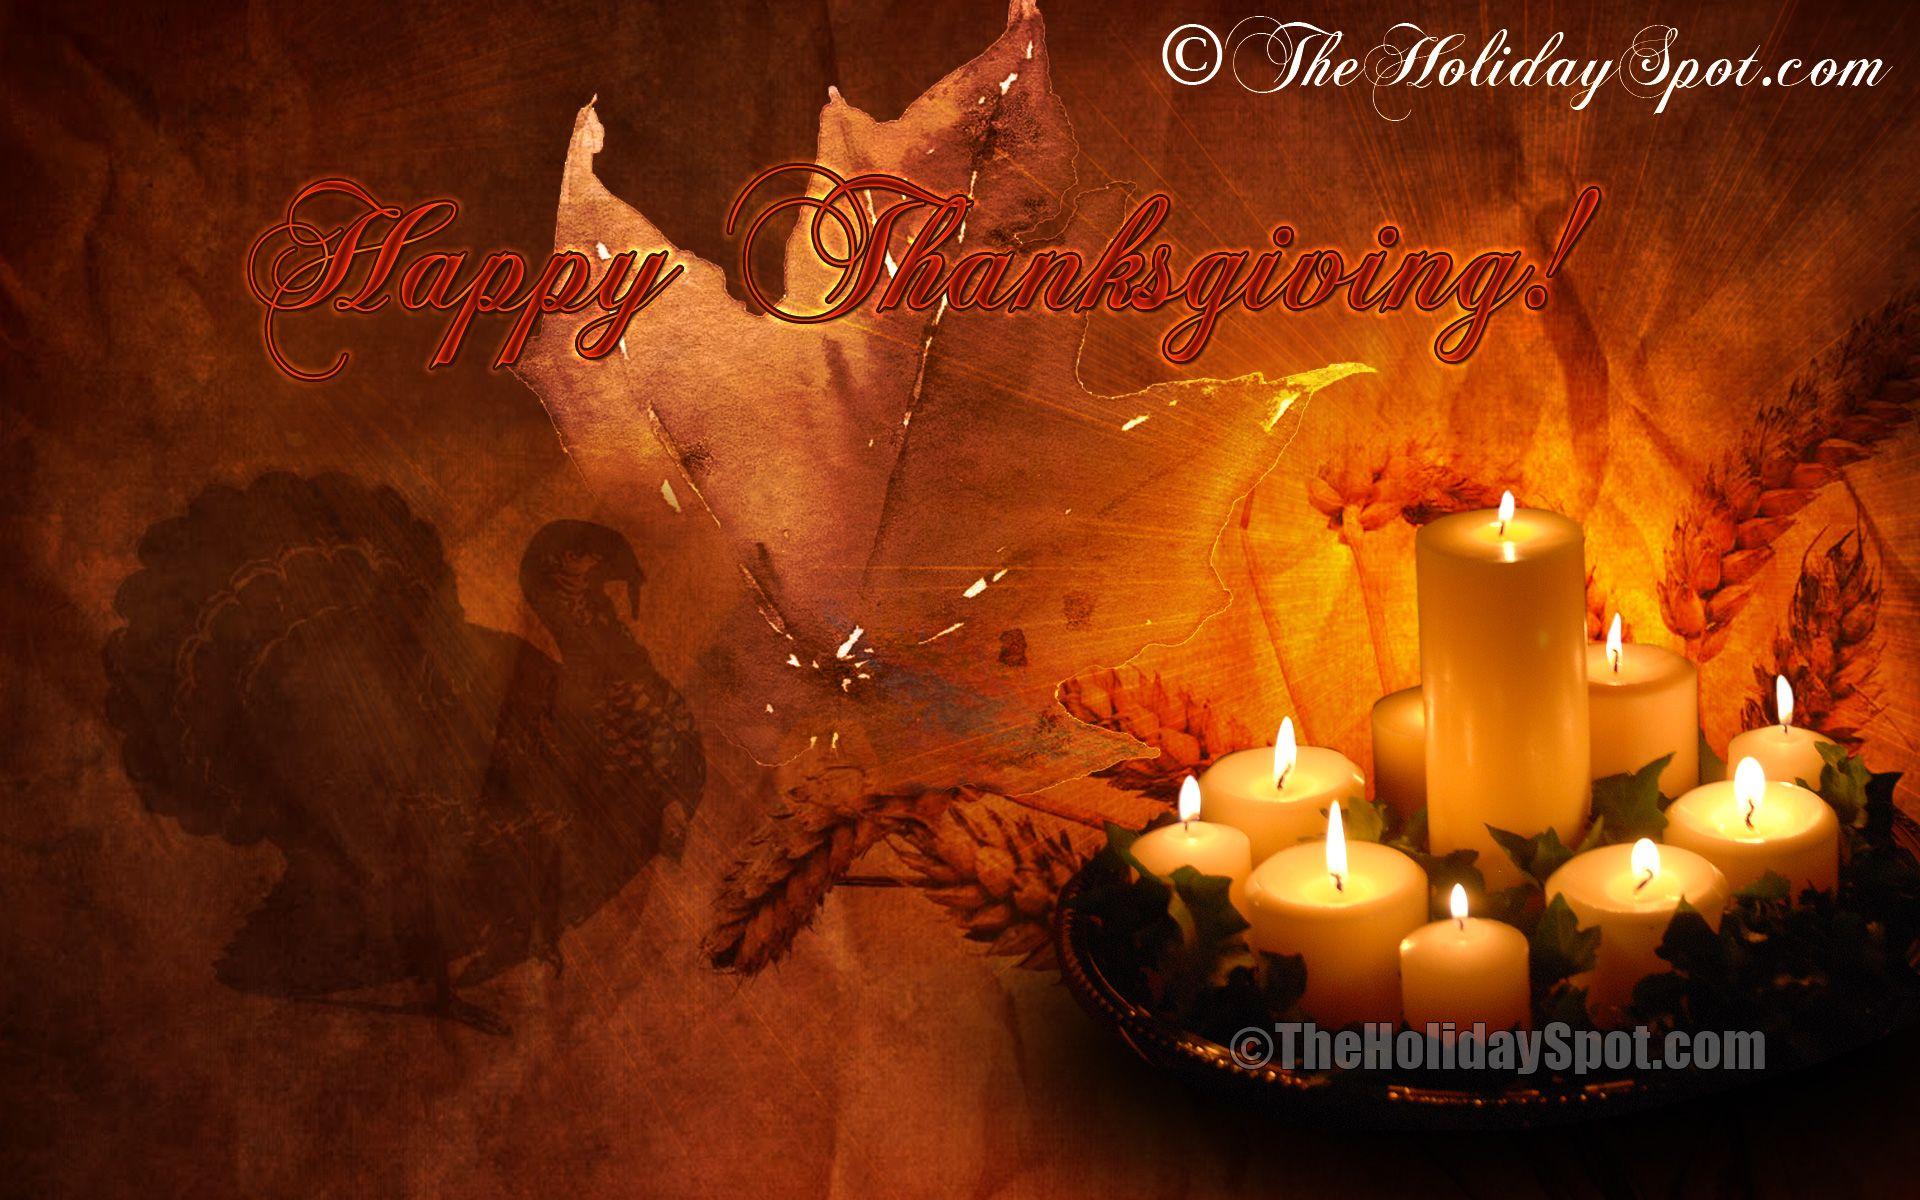 Cute Thanksgiving Wallpaper Thanksgiving Live Wallpaper Thanksgiving Wallpaper Free Thanksgiving Wallpaper